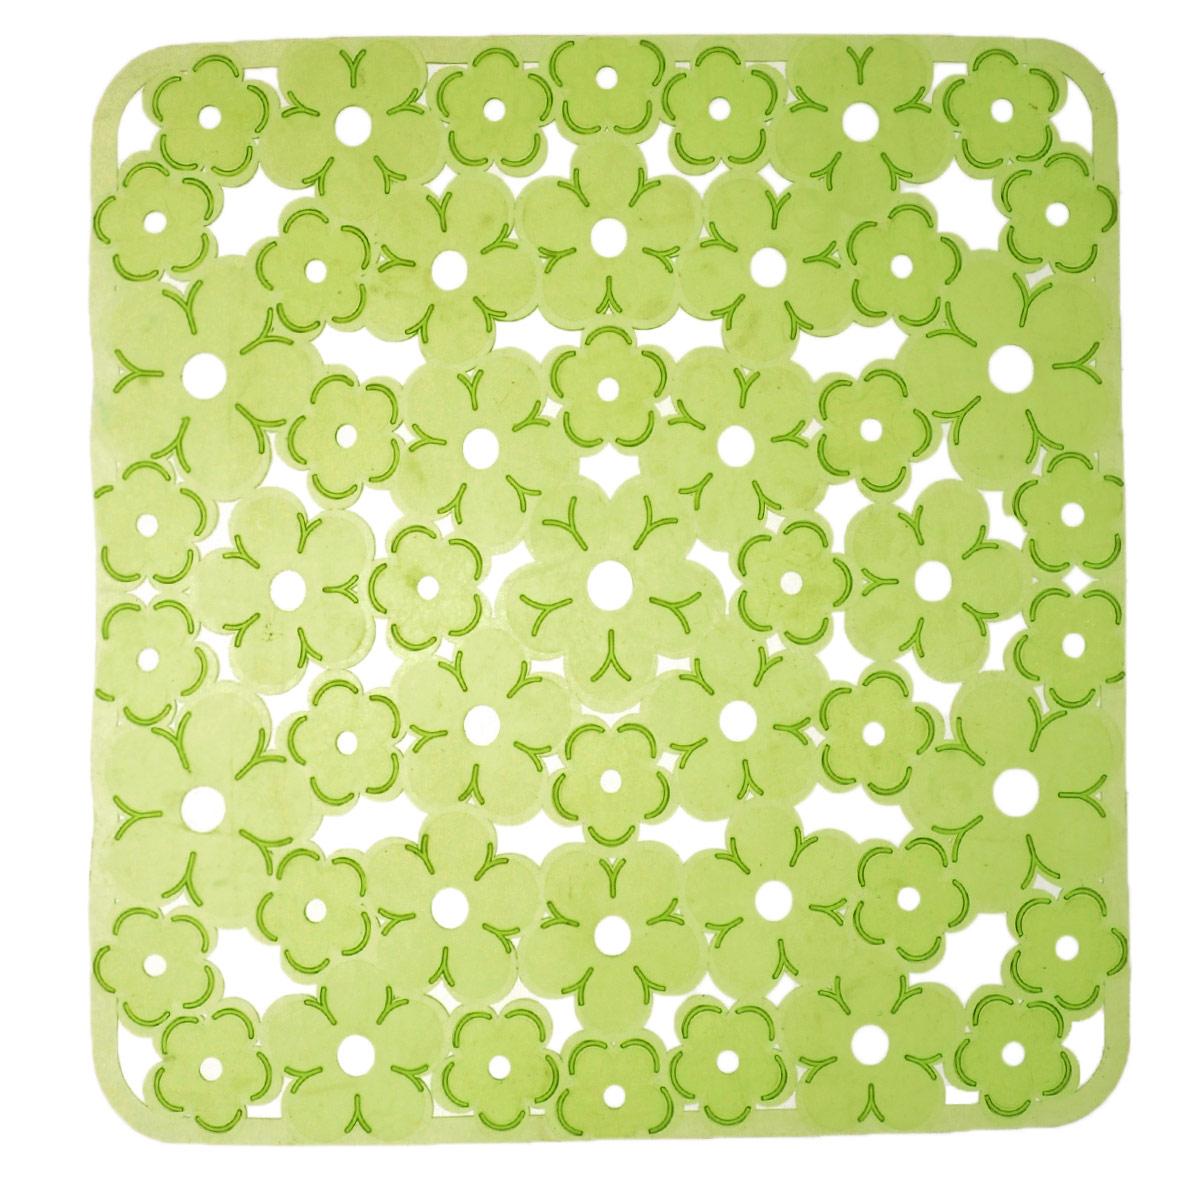 """Коврик для раковины """"Metaltex"""" изготовлен из ПВХ с цветочным рисунком. Коврик имеет квадратную форму, поэтому прекрасно подойдет для любых раковин. Такой коврик защитит вашу посуду во время мытья, а также предотвратит засор труб, задерживая остатки пищи."""